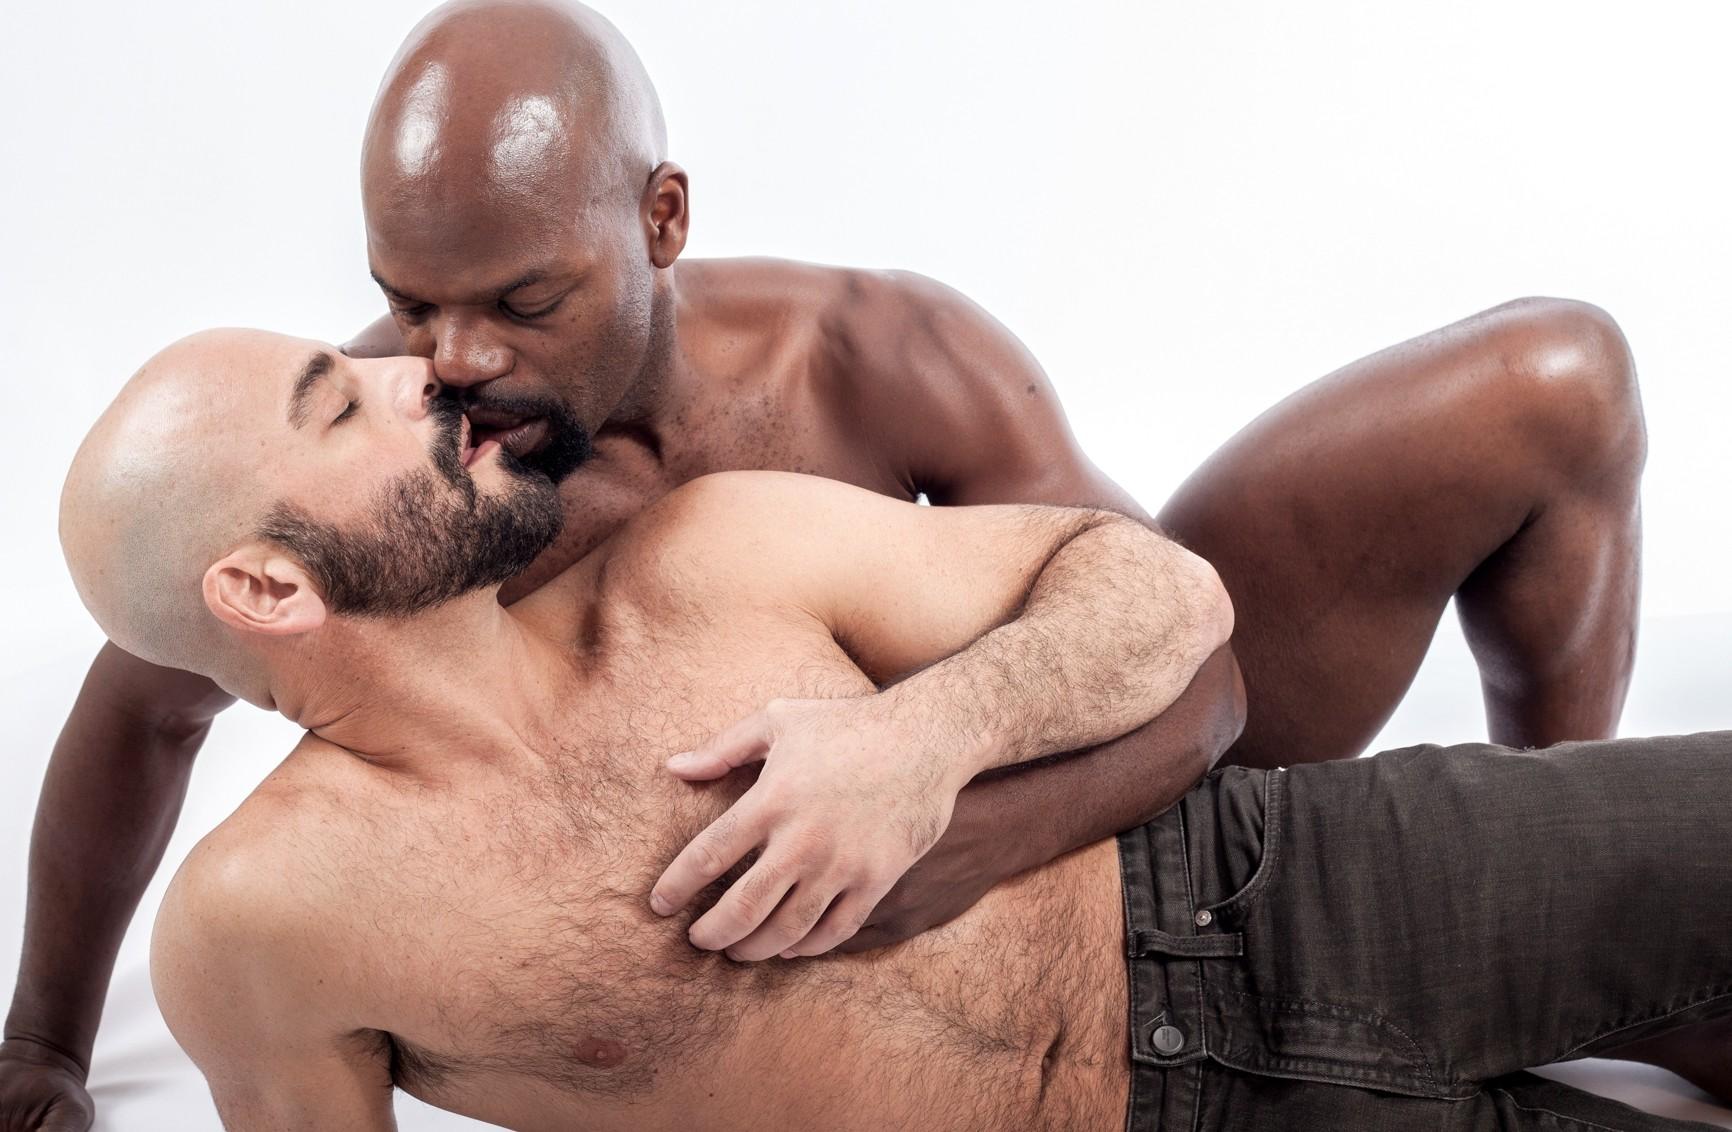 cutler porn gay video